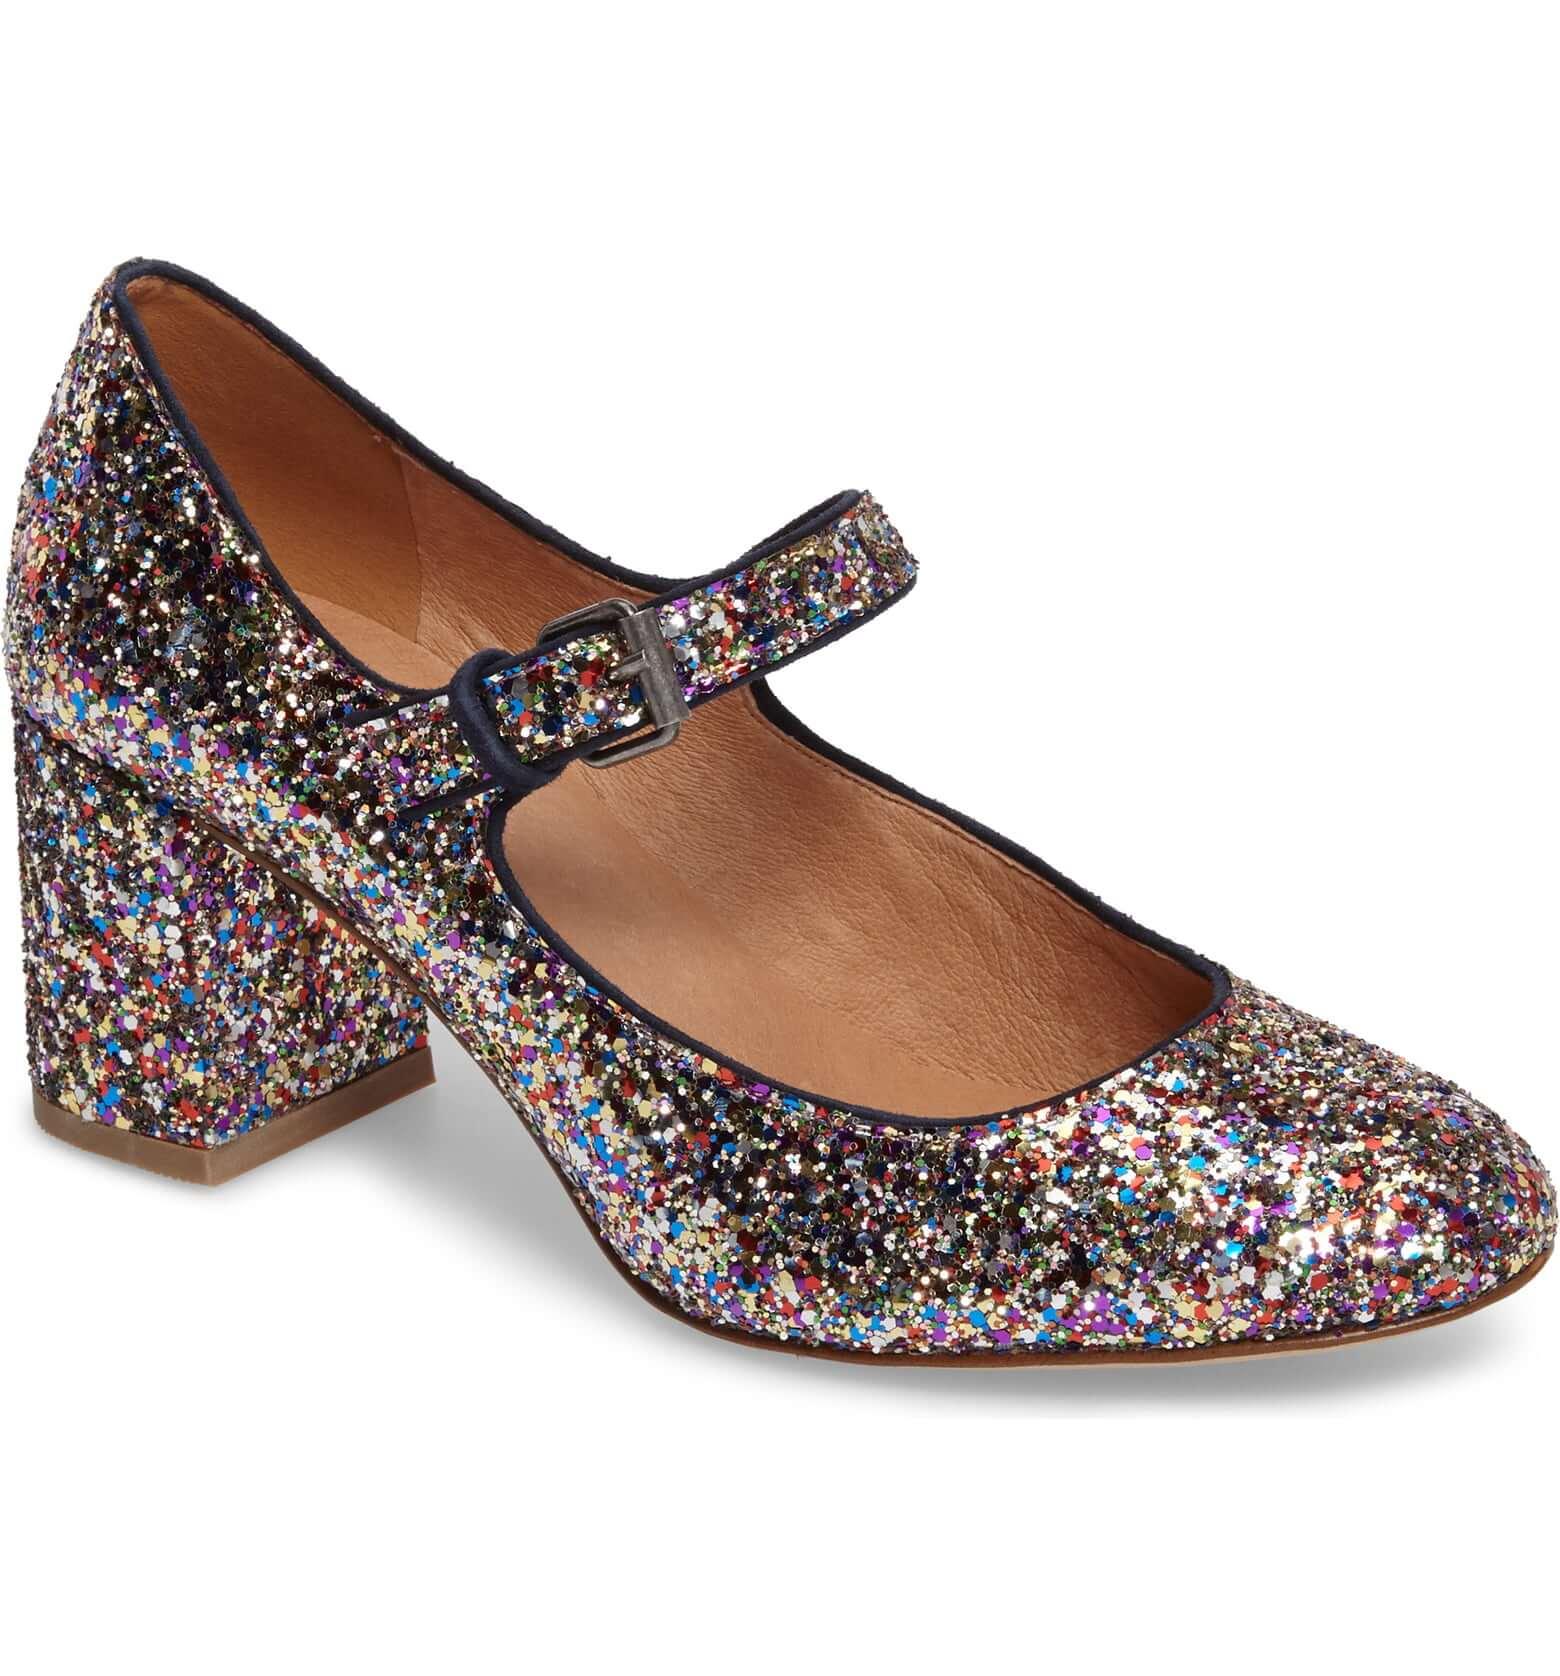 madewell-shoes-the-zelda-mary-jane-pump.jpeg